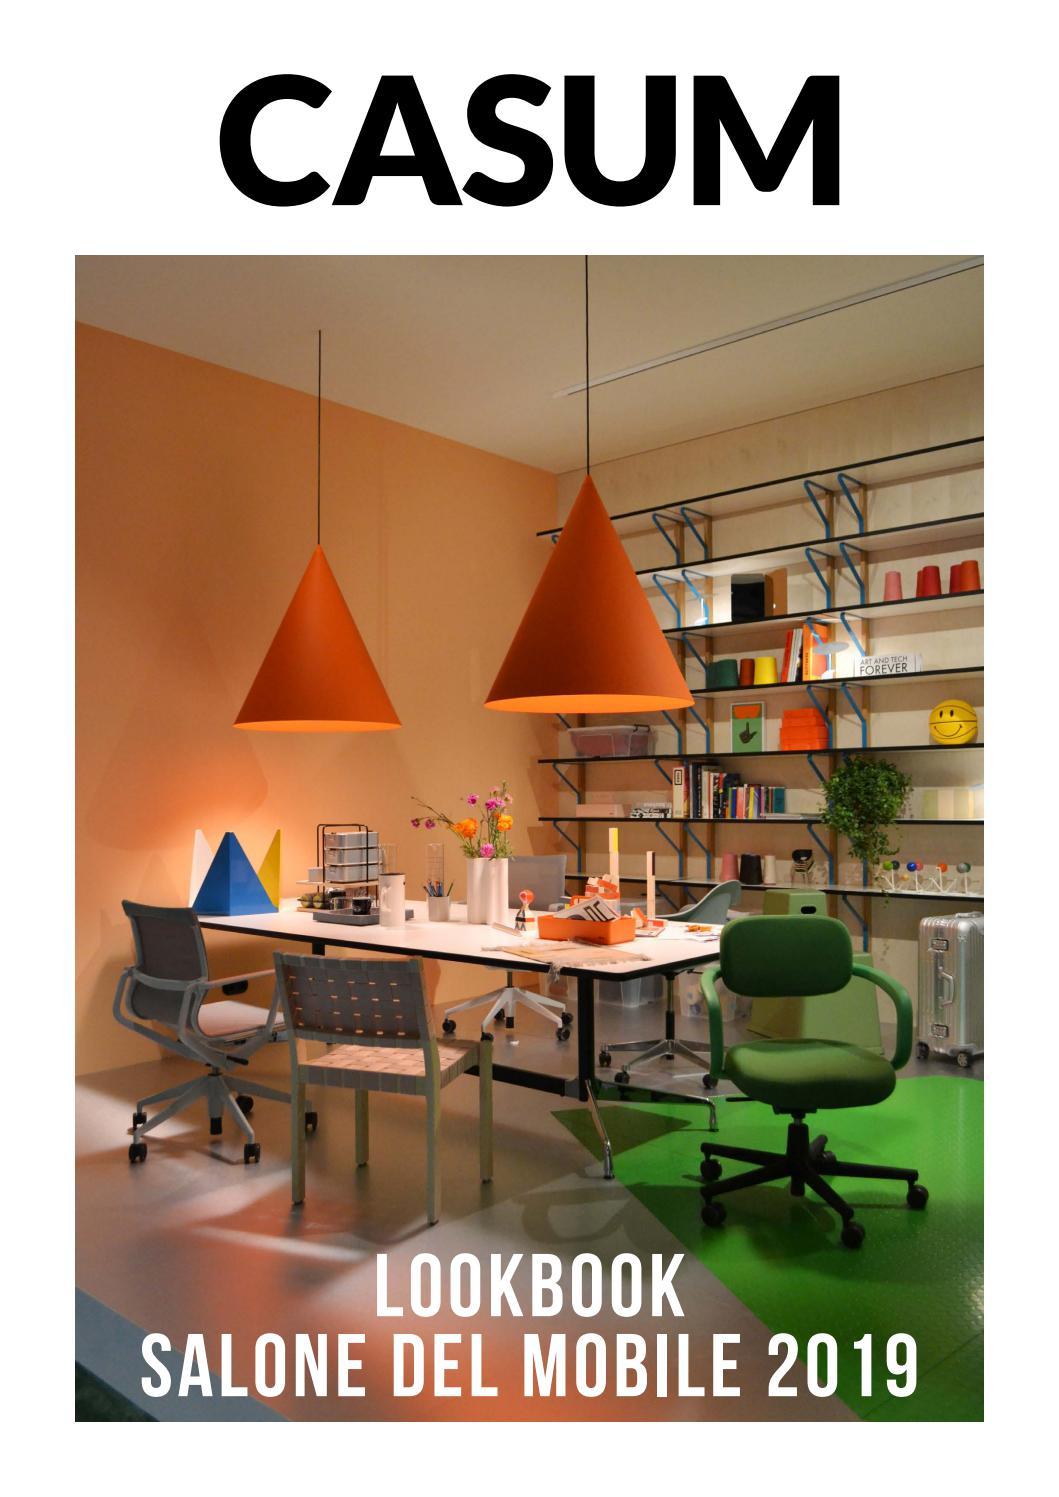 Casum Lookbook Salone Del Mobile 2019 Interior Design Isaloni Milano By Casum Issuu